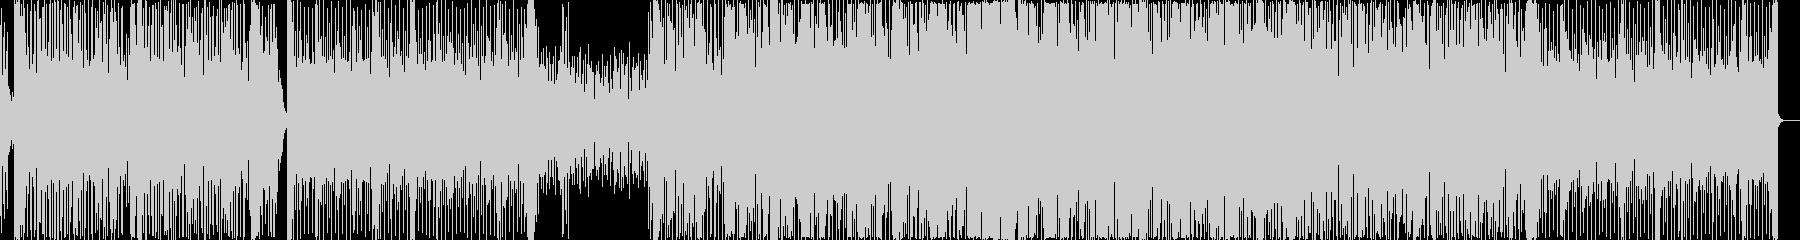 シンプルなEDM、プログレッシヴハウス。の未再生の波形